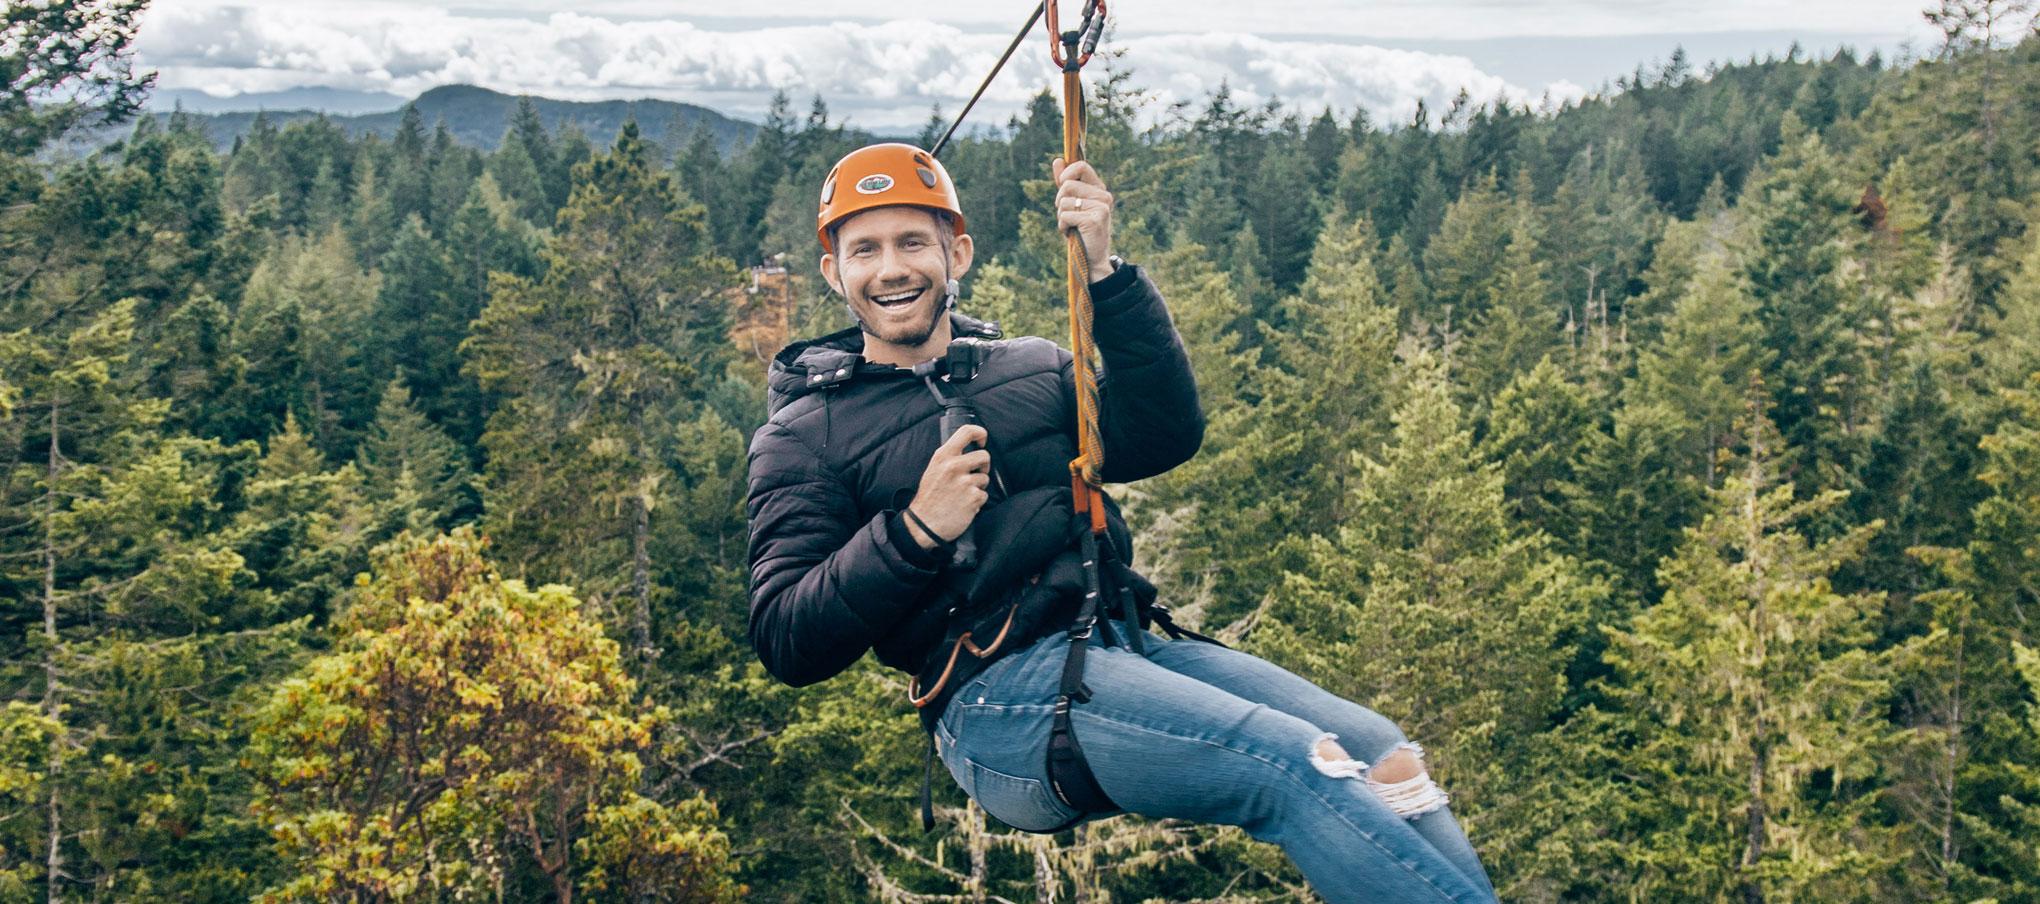 Ziplining in Sooke, BC